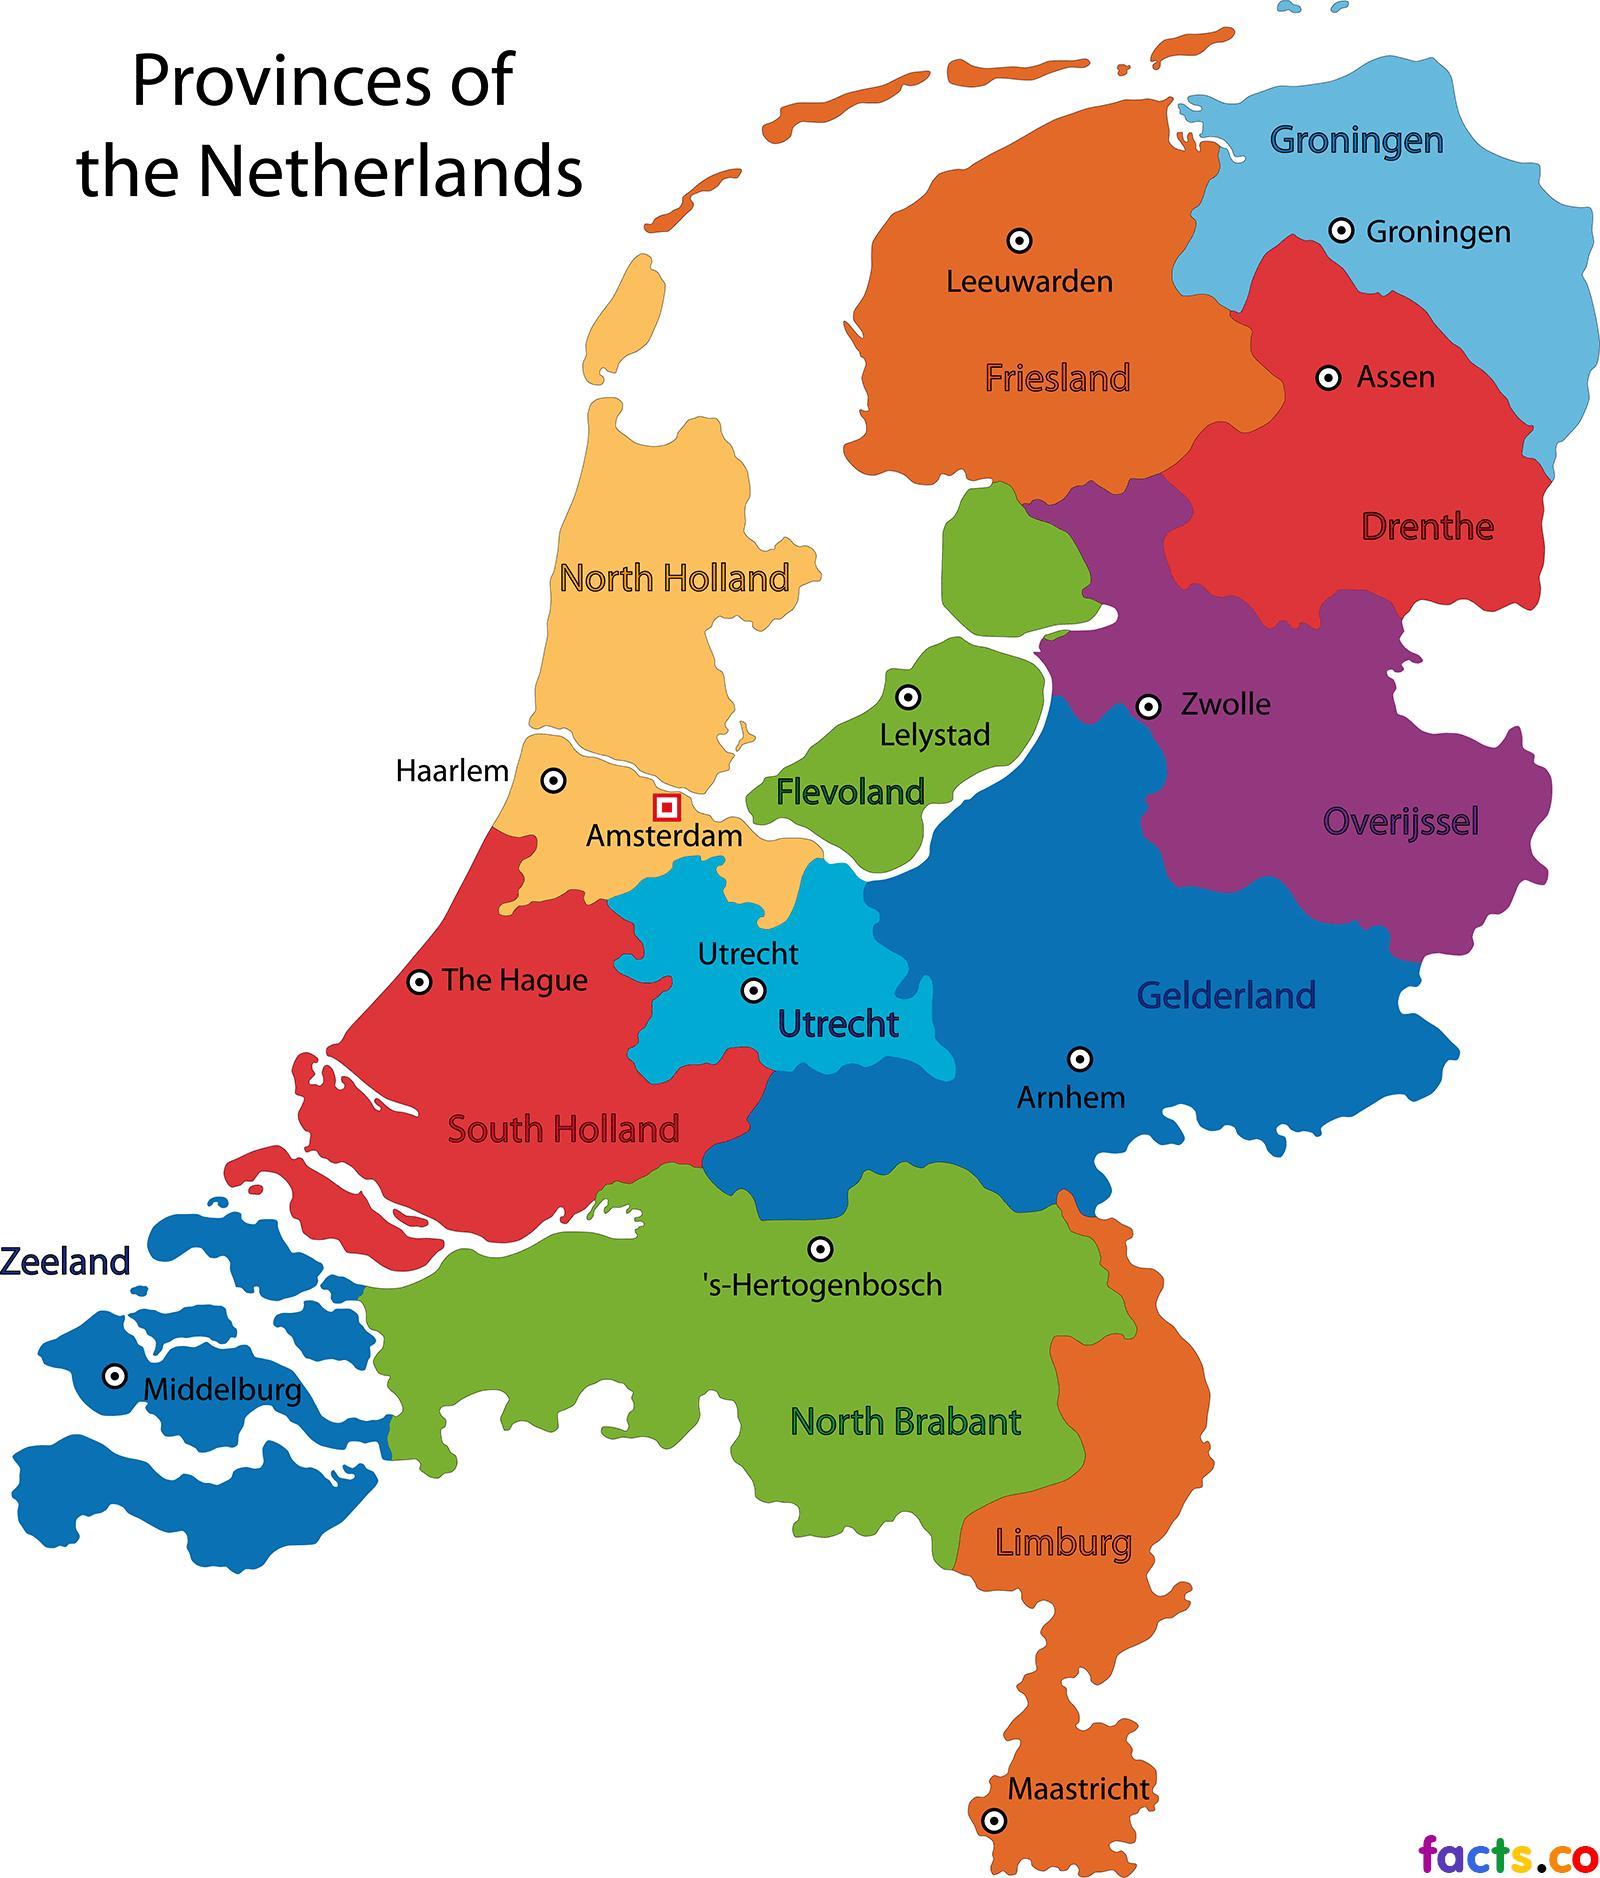 Carte Europe Pays Bas.Pays Bas Etats De La Carte De La Hollande Unis De La Carte Europe